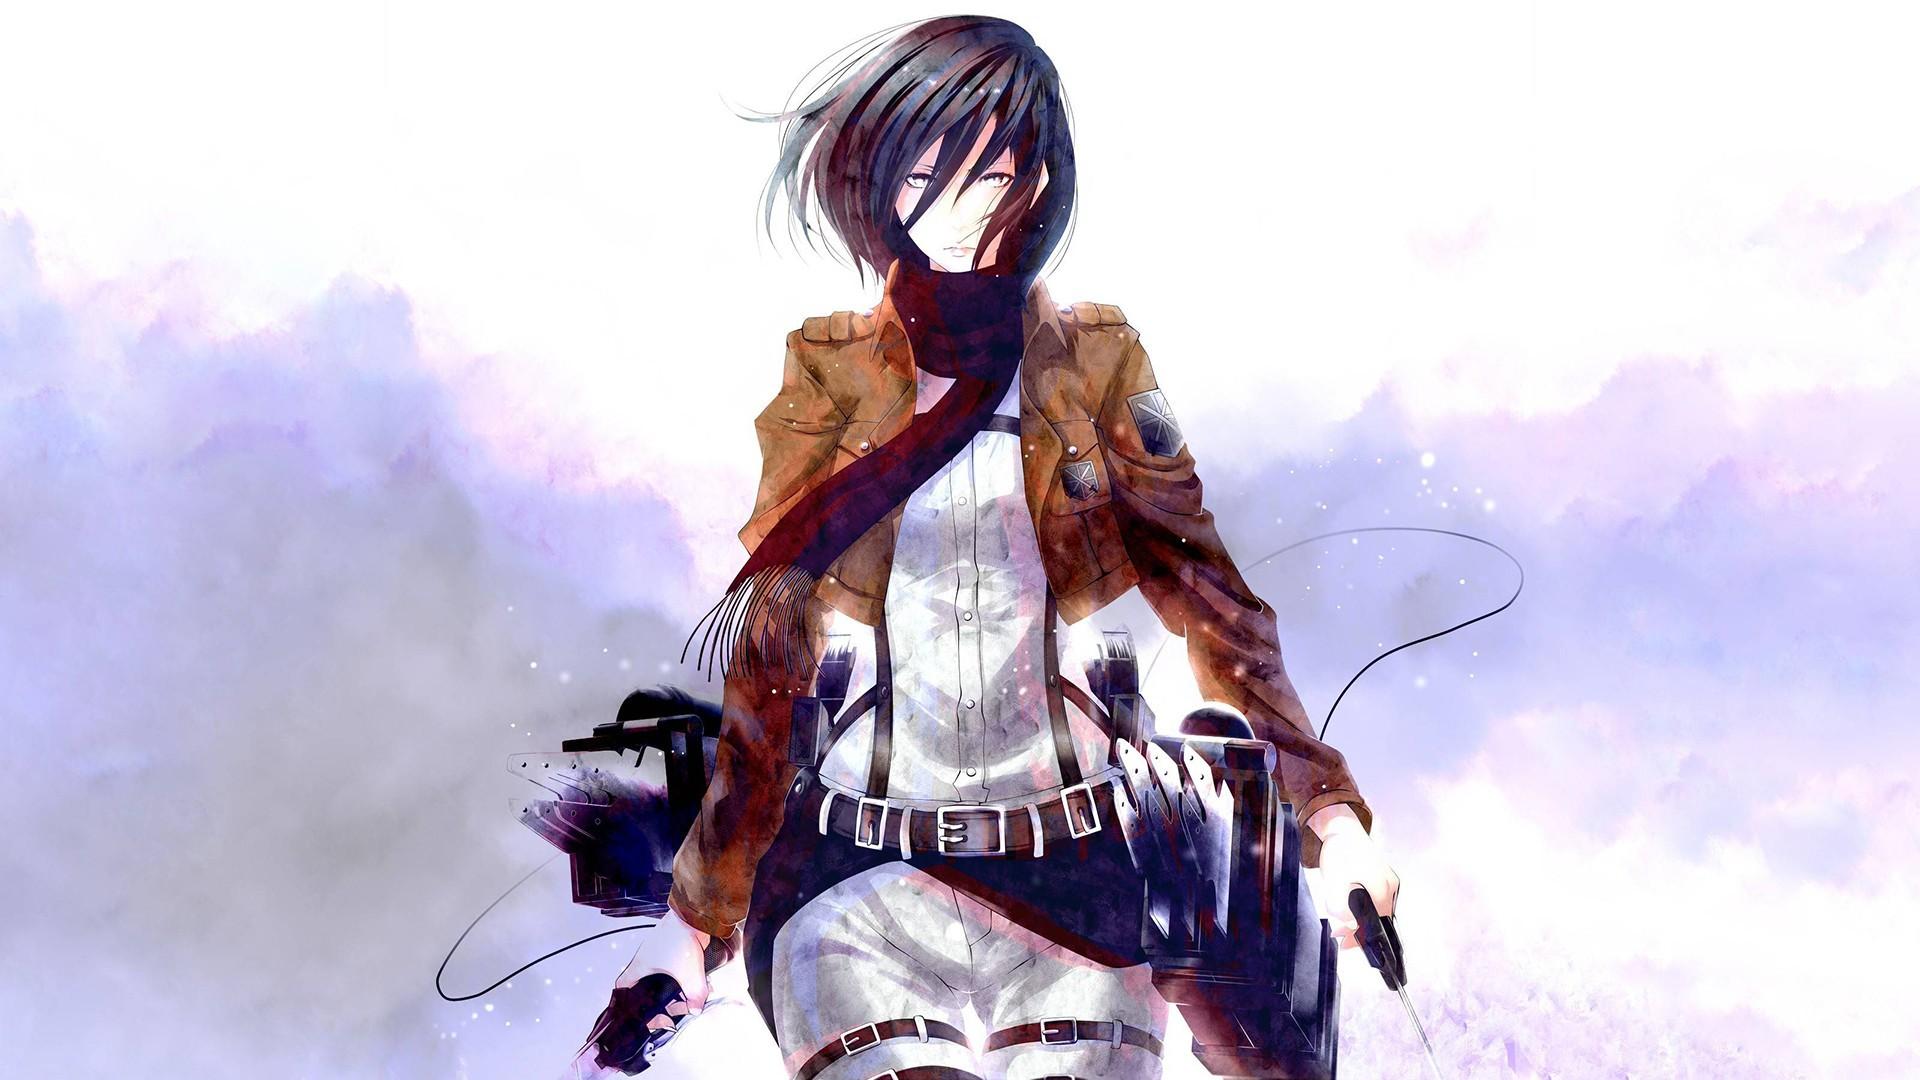 Wallpaper Illustration Anime Shingeki No Kyojin Mikasa